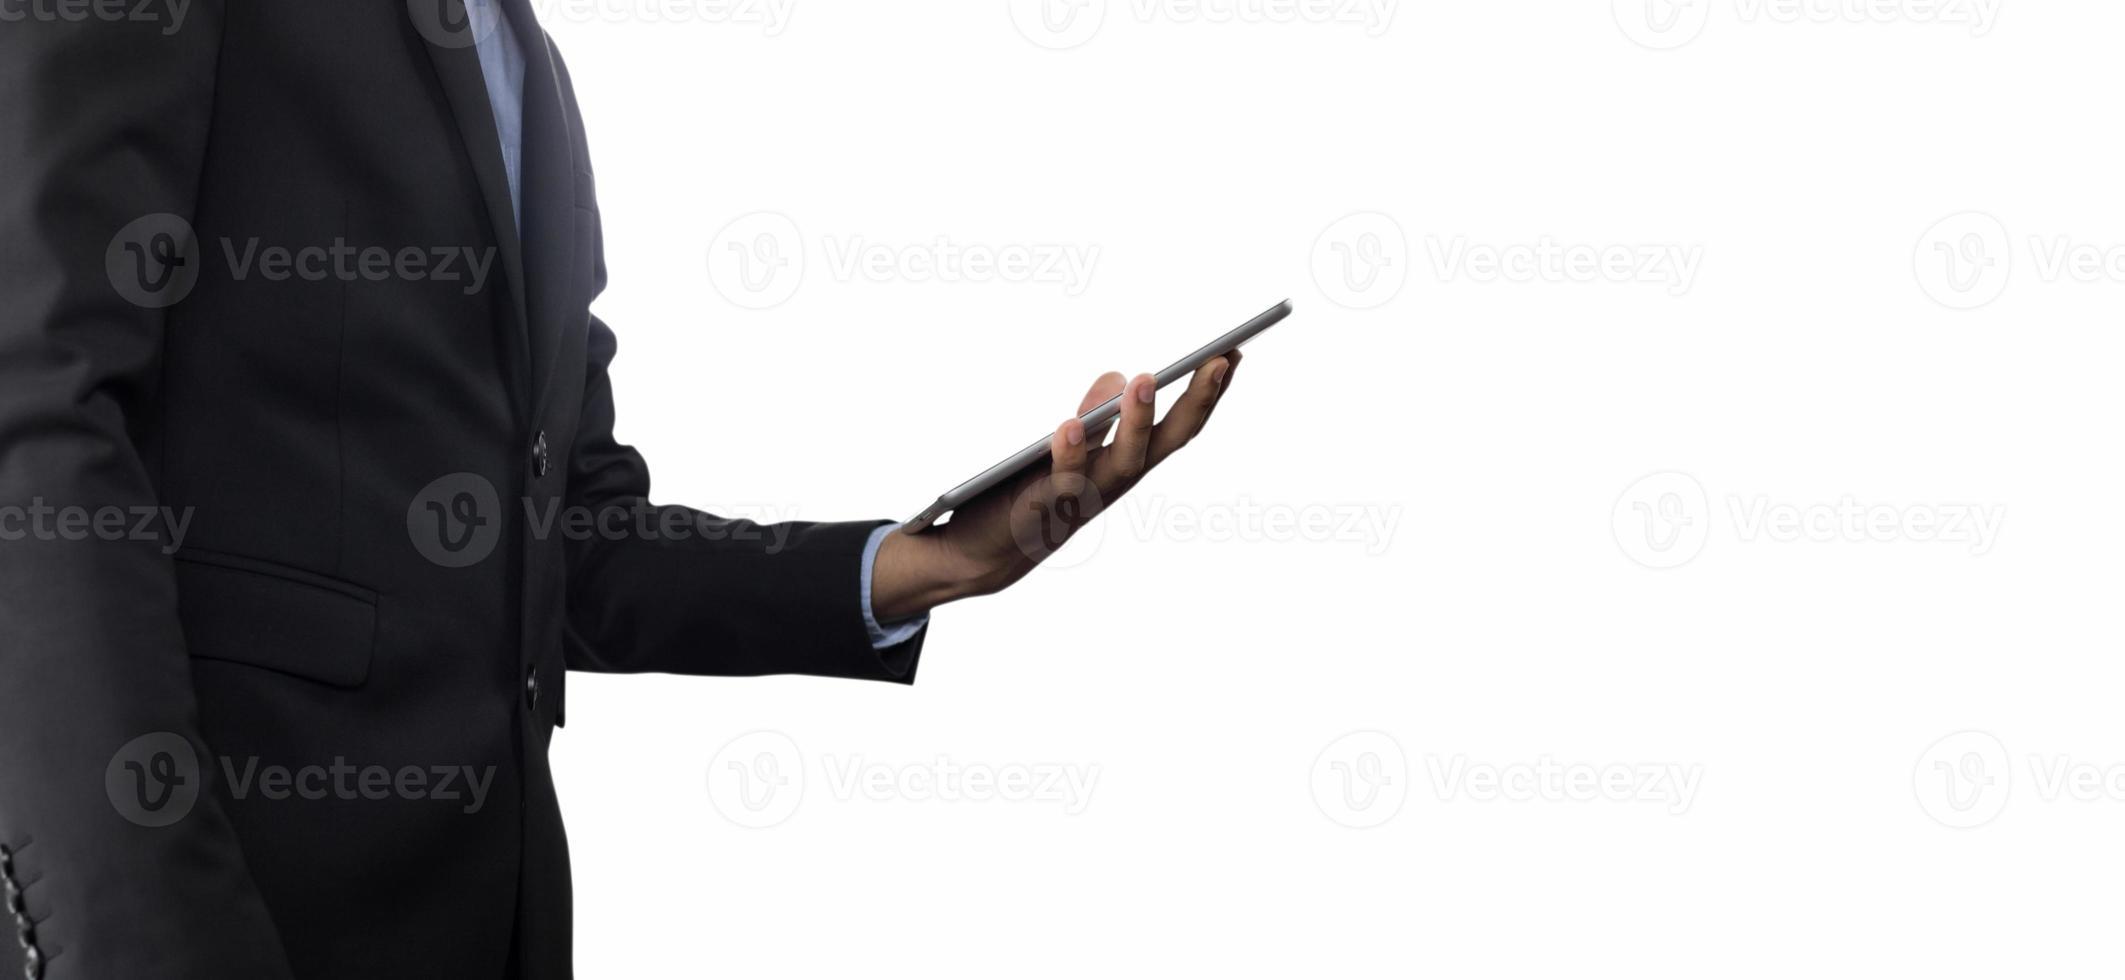 pessoa segurando tablet em fundo branco foto